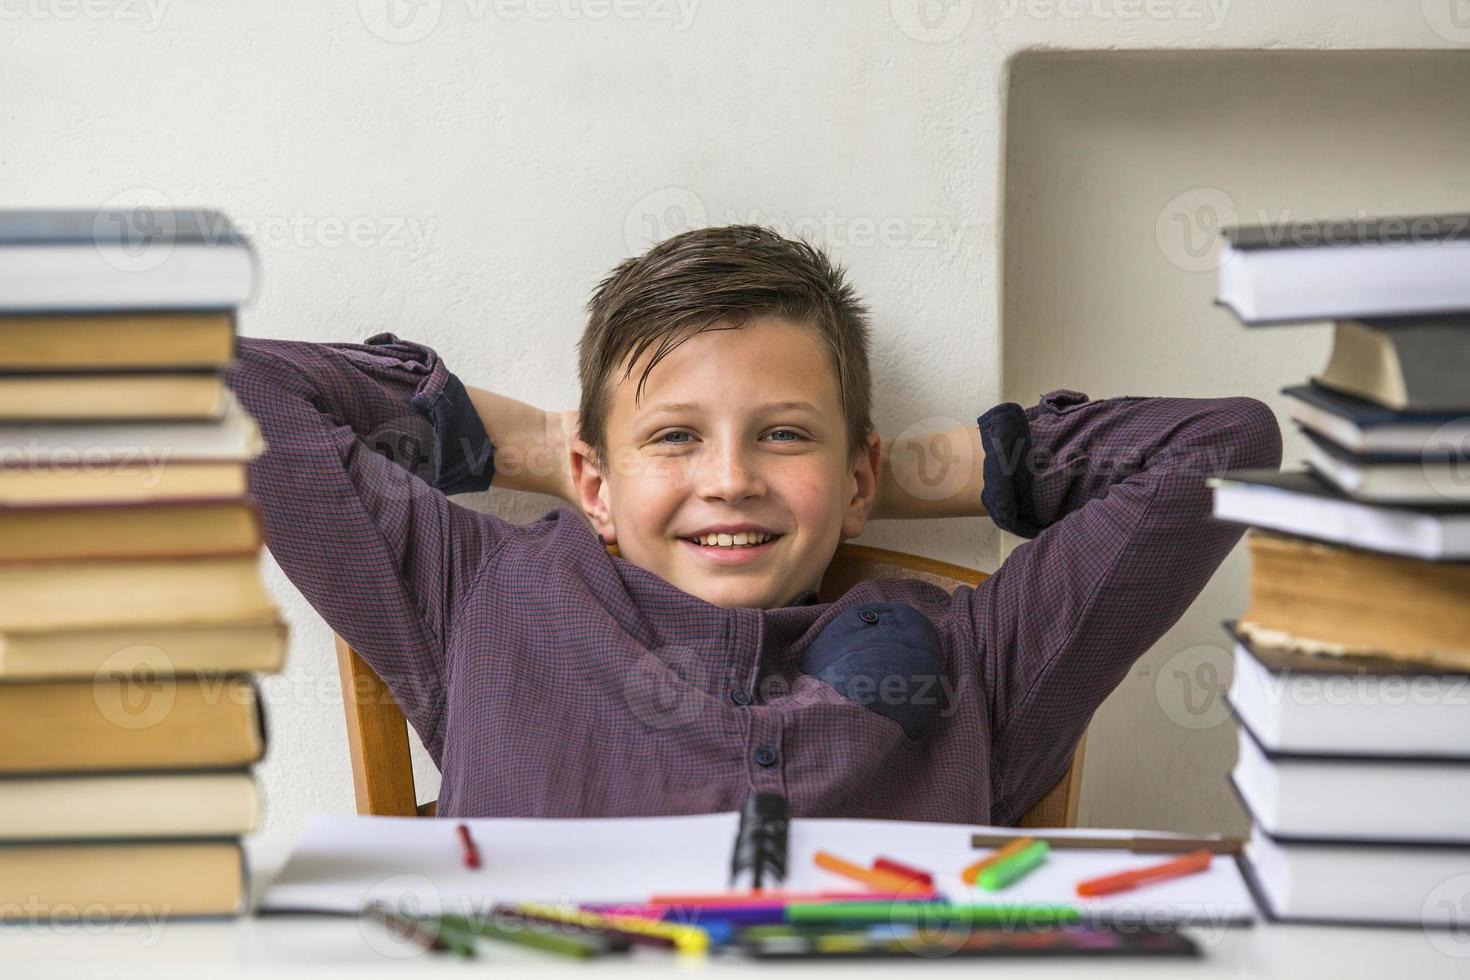 écolier au repos pendant les devoirs. photo